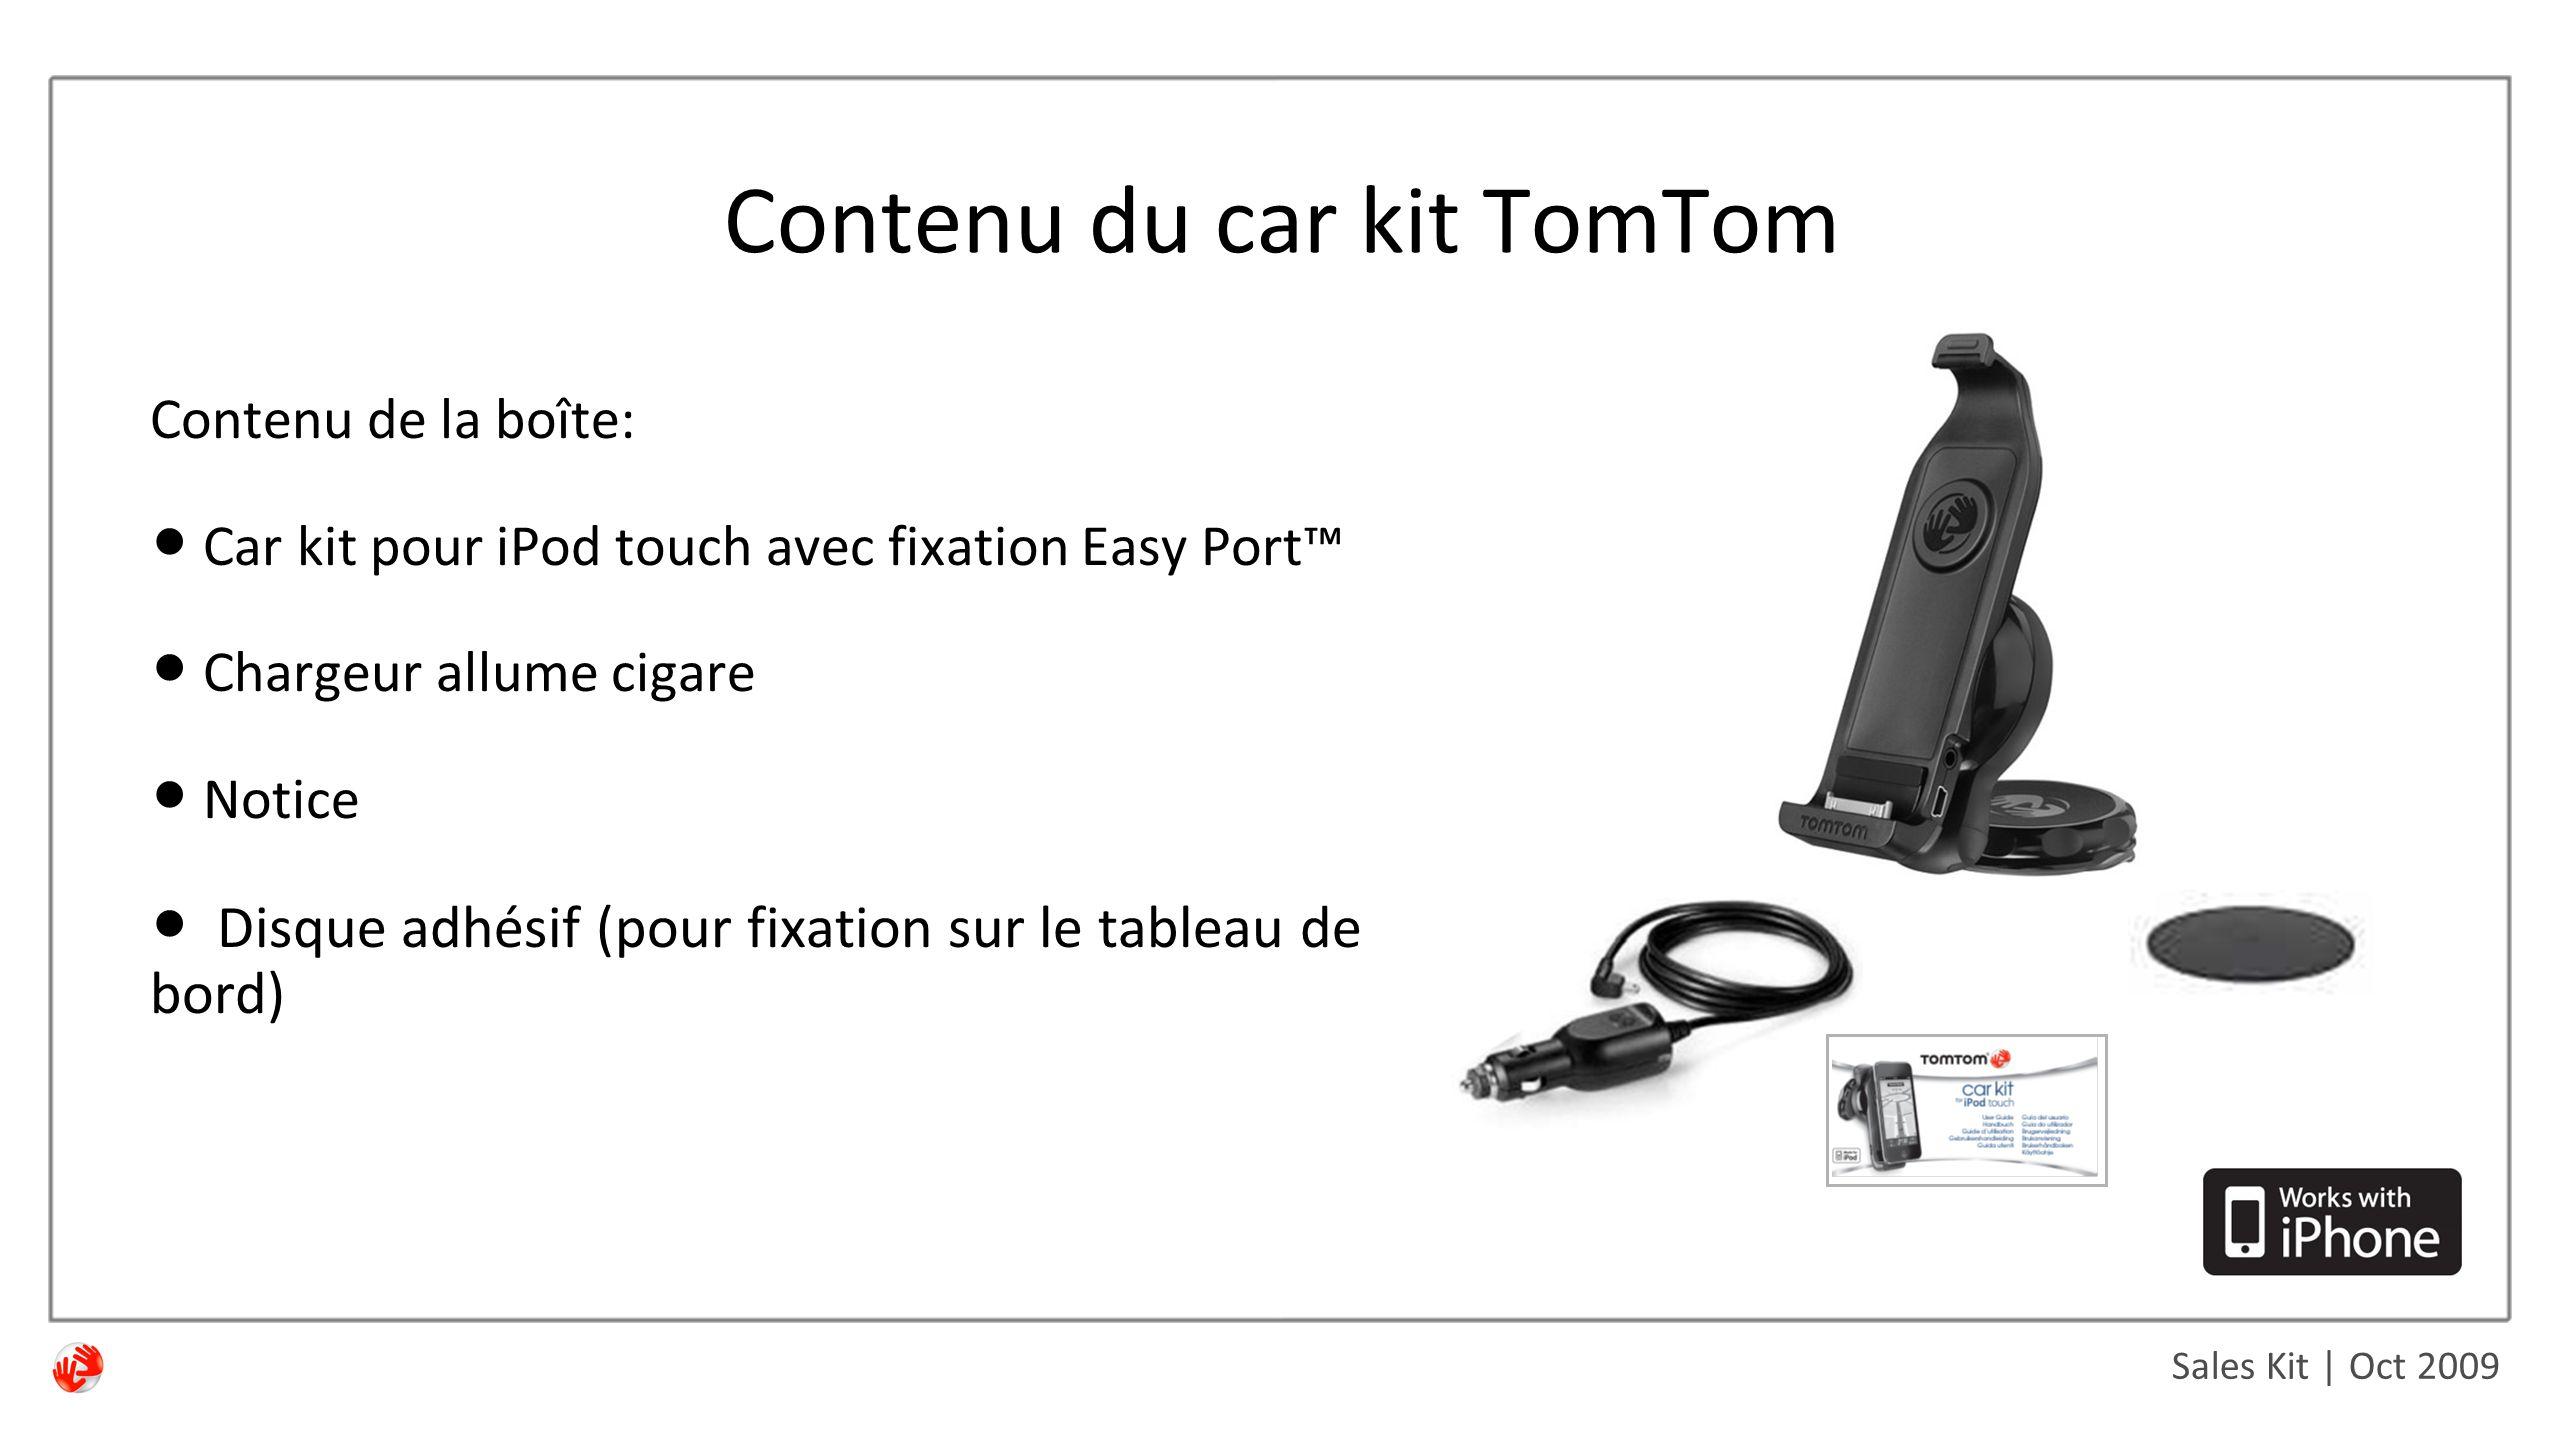 Sales Kit | Oct 2009 Contenu du car kit TomTom Contenu de la boîte: Car kit pour iPod touch avec fixation Easy Port™ Chargeur allume cigare Notice Disque adhésif (pour fixation sur le tableau de bord)